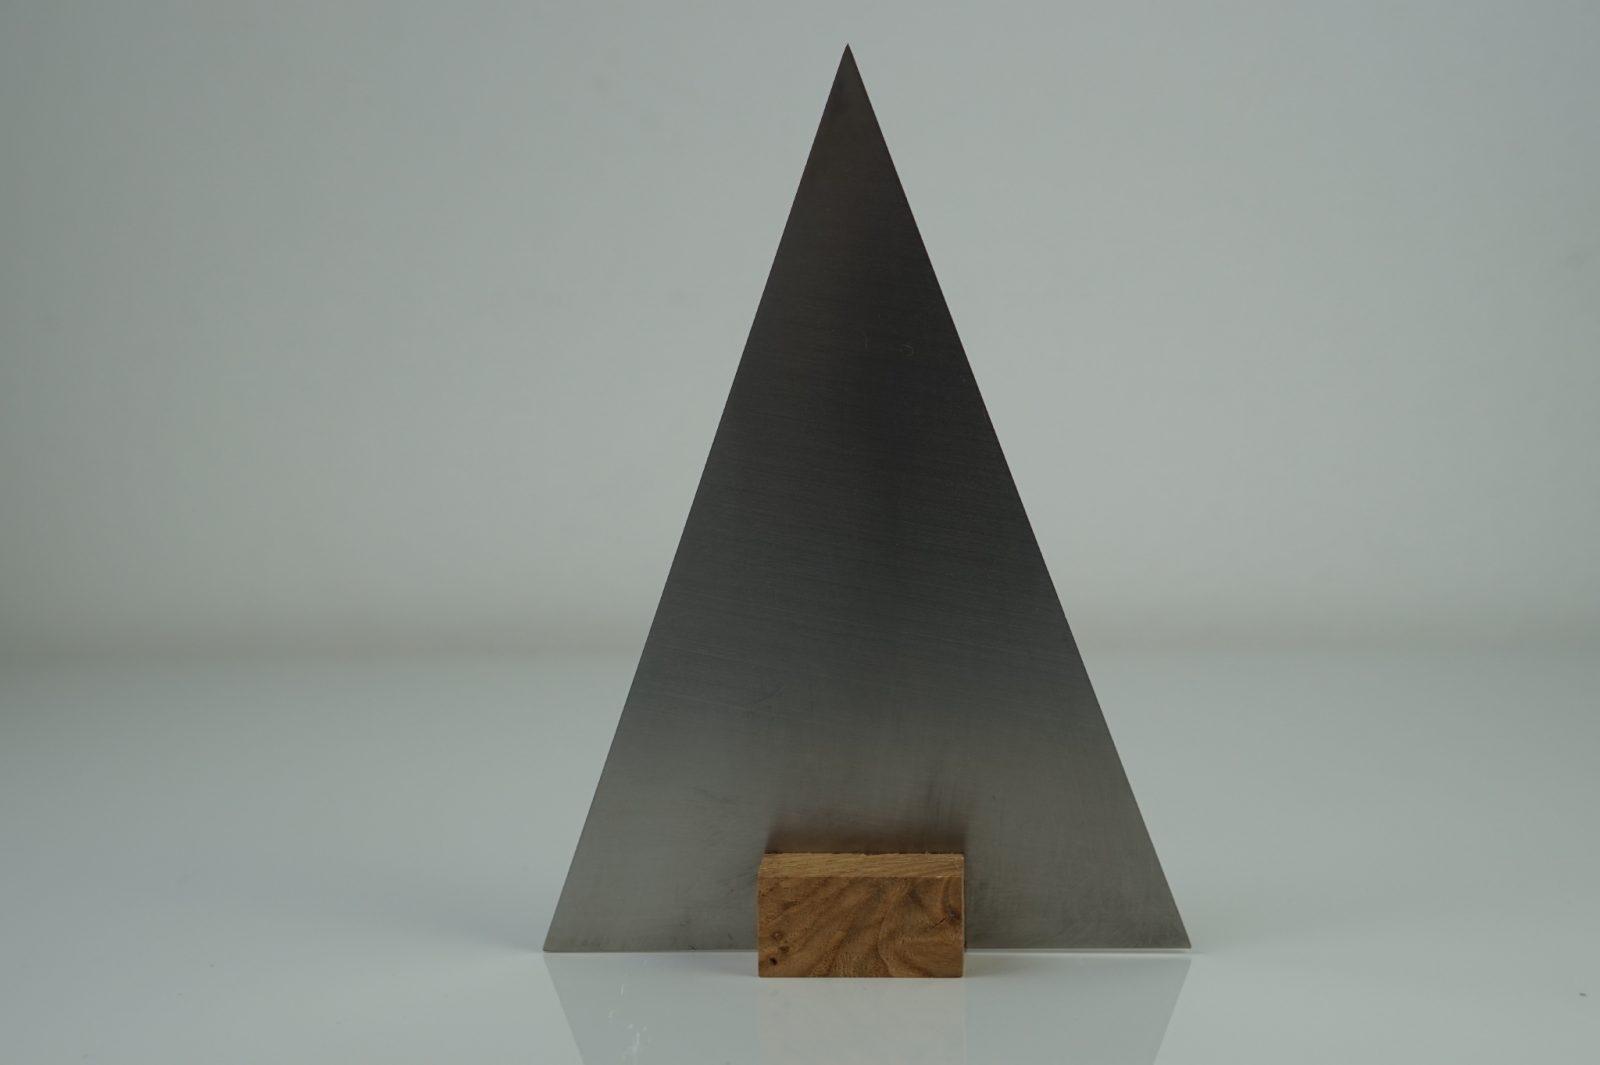 Edelstahl weihnachtsbaum herbert sama metalldesign for Design weihnachtsbaum edelstahl